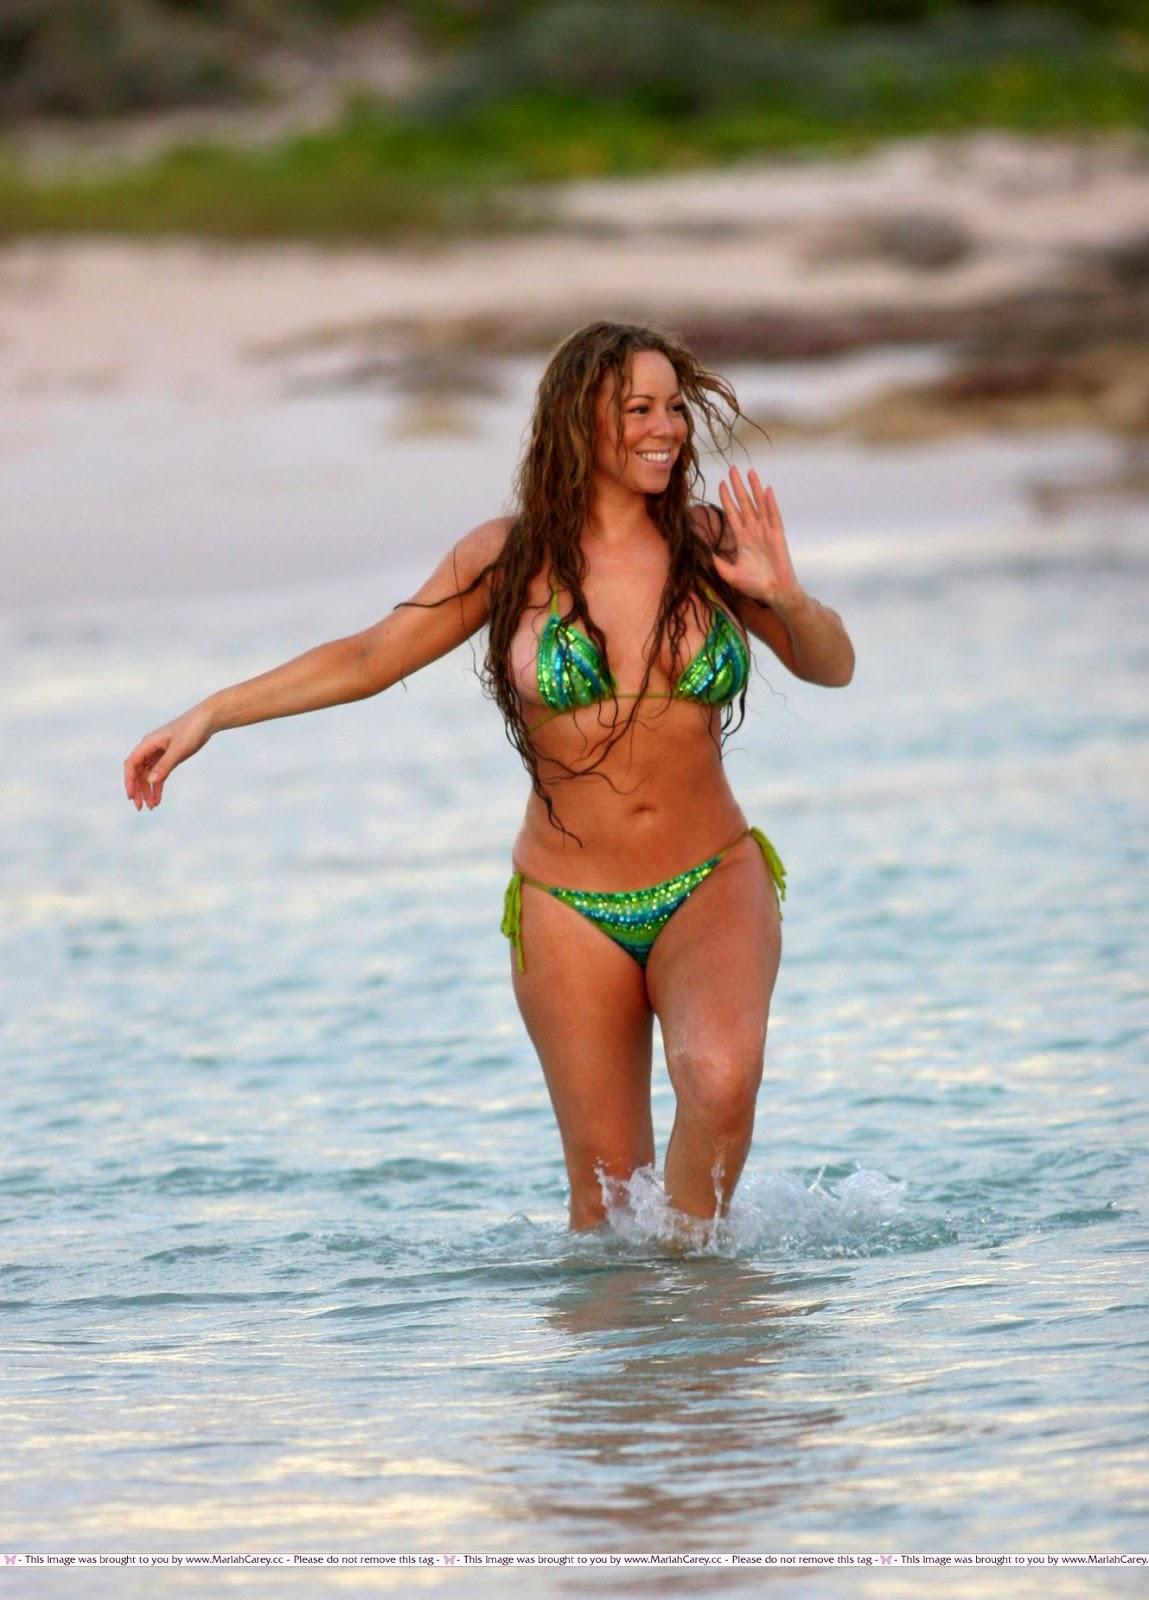 Bikini carey mariah picture